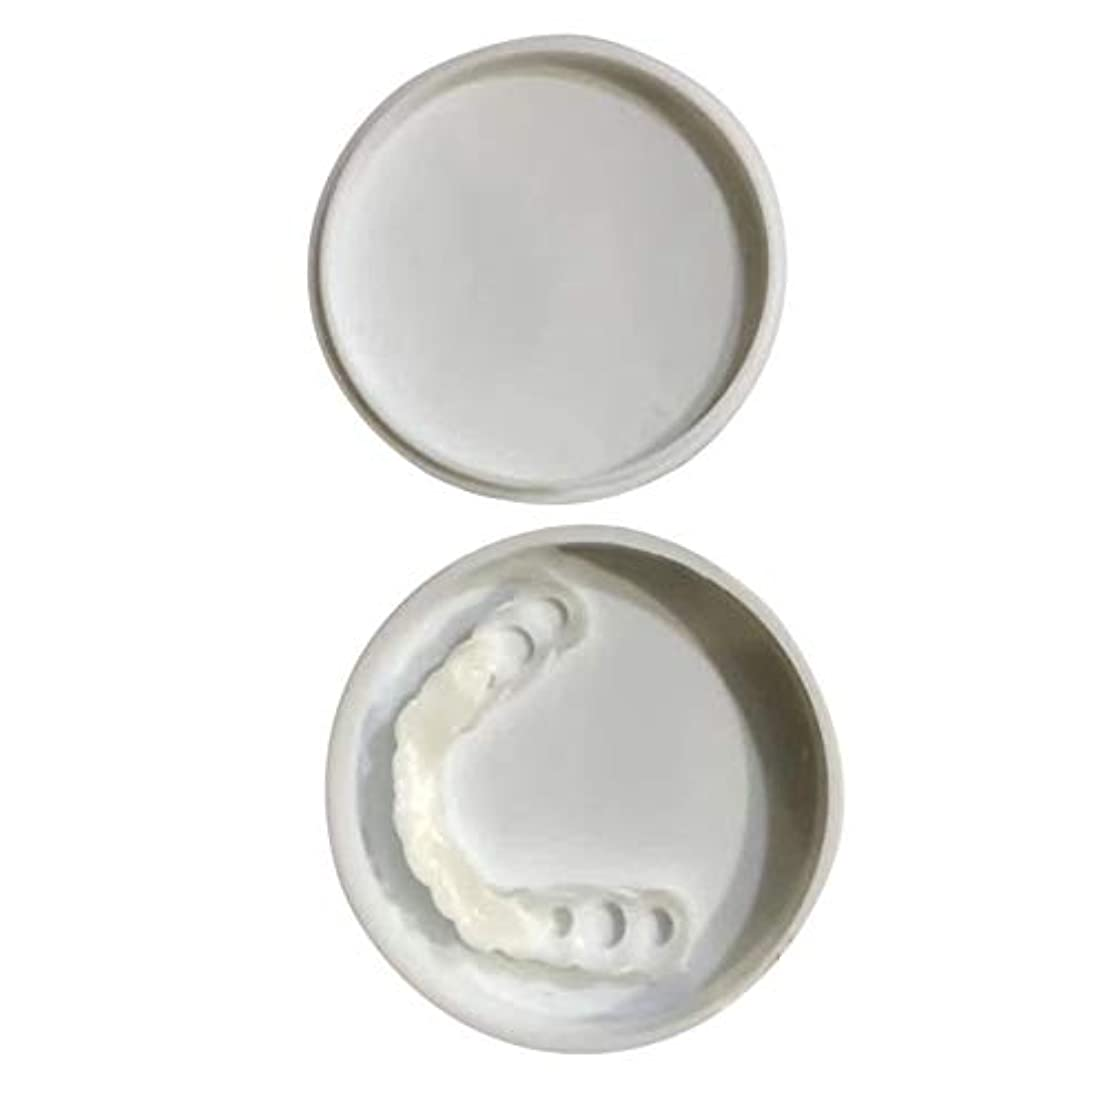 鼓舞する商標ここに快適なスナップオン男性女性歯インスタントパーフェクトスマイルコンフォートフィットフレックス歯フィットホワイトニング笑顔偽歯カバー - ホワイト